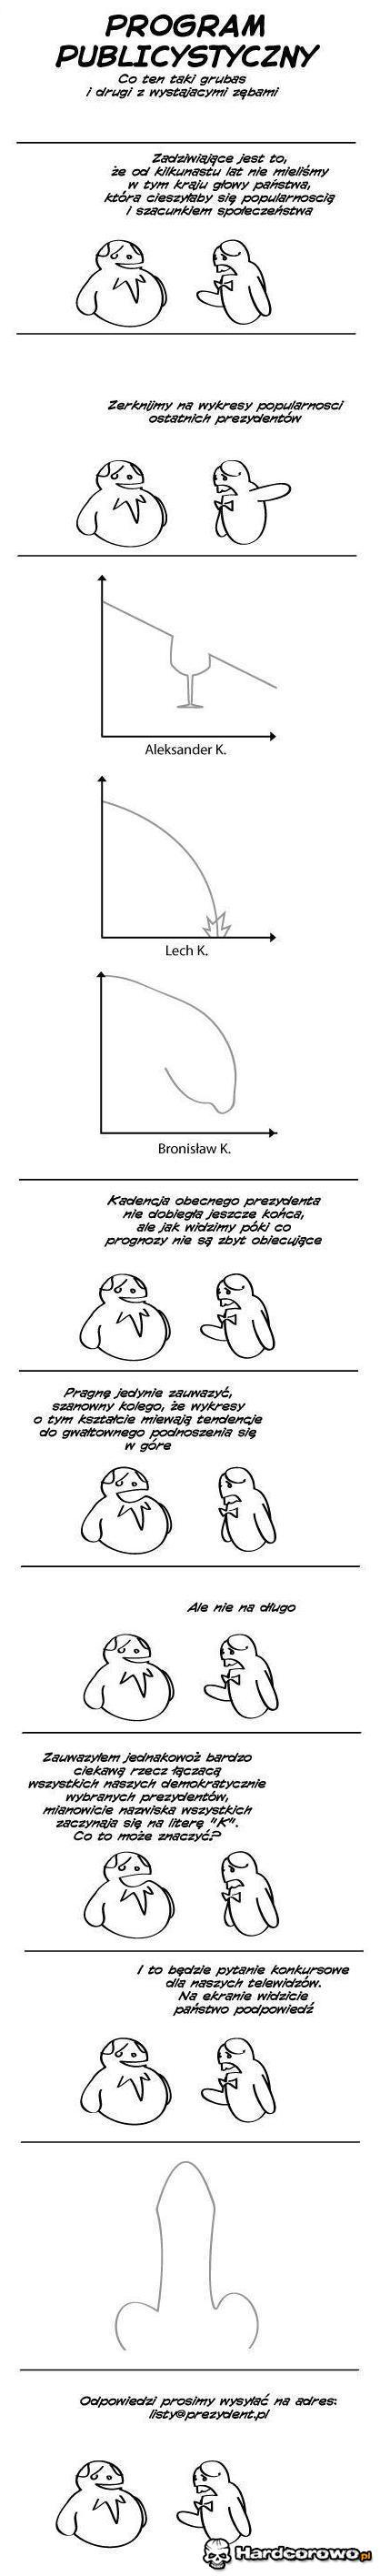 Program publicystyczny - 1